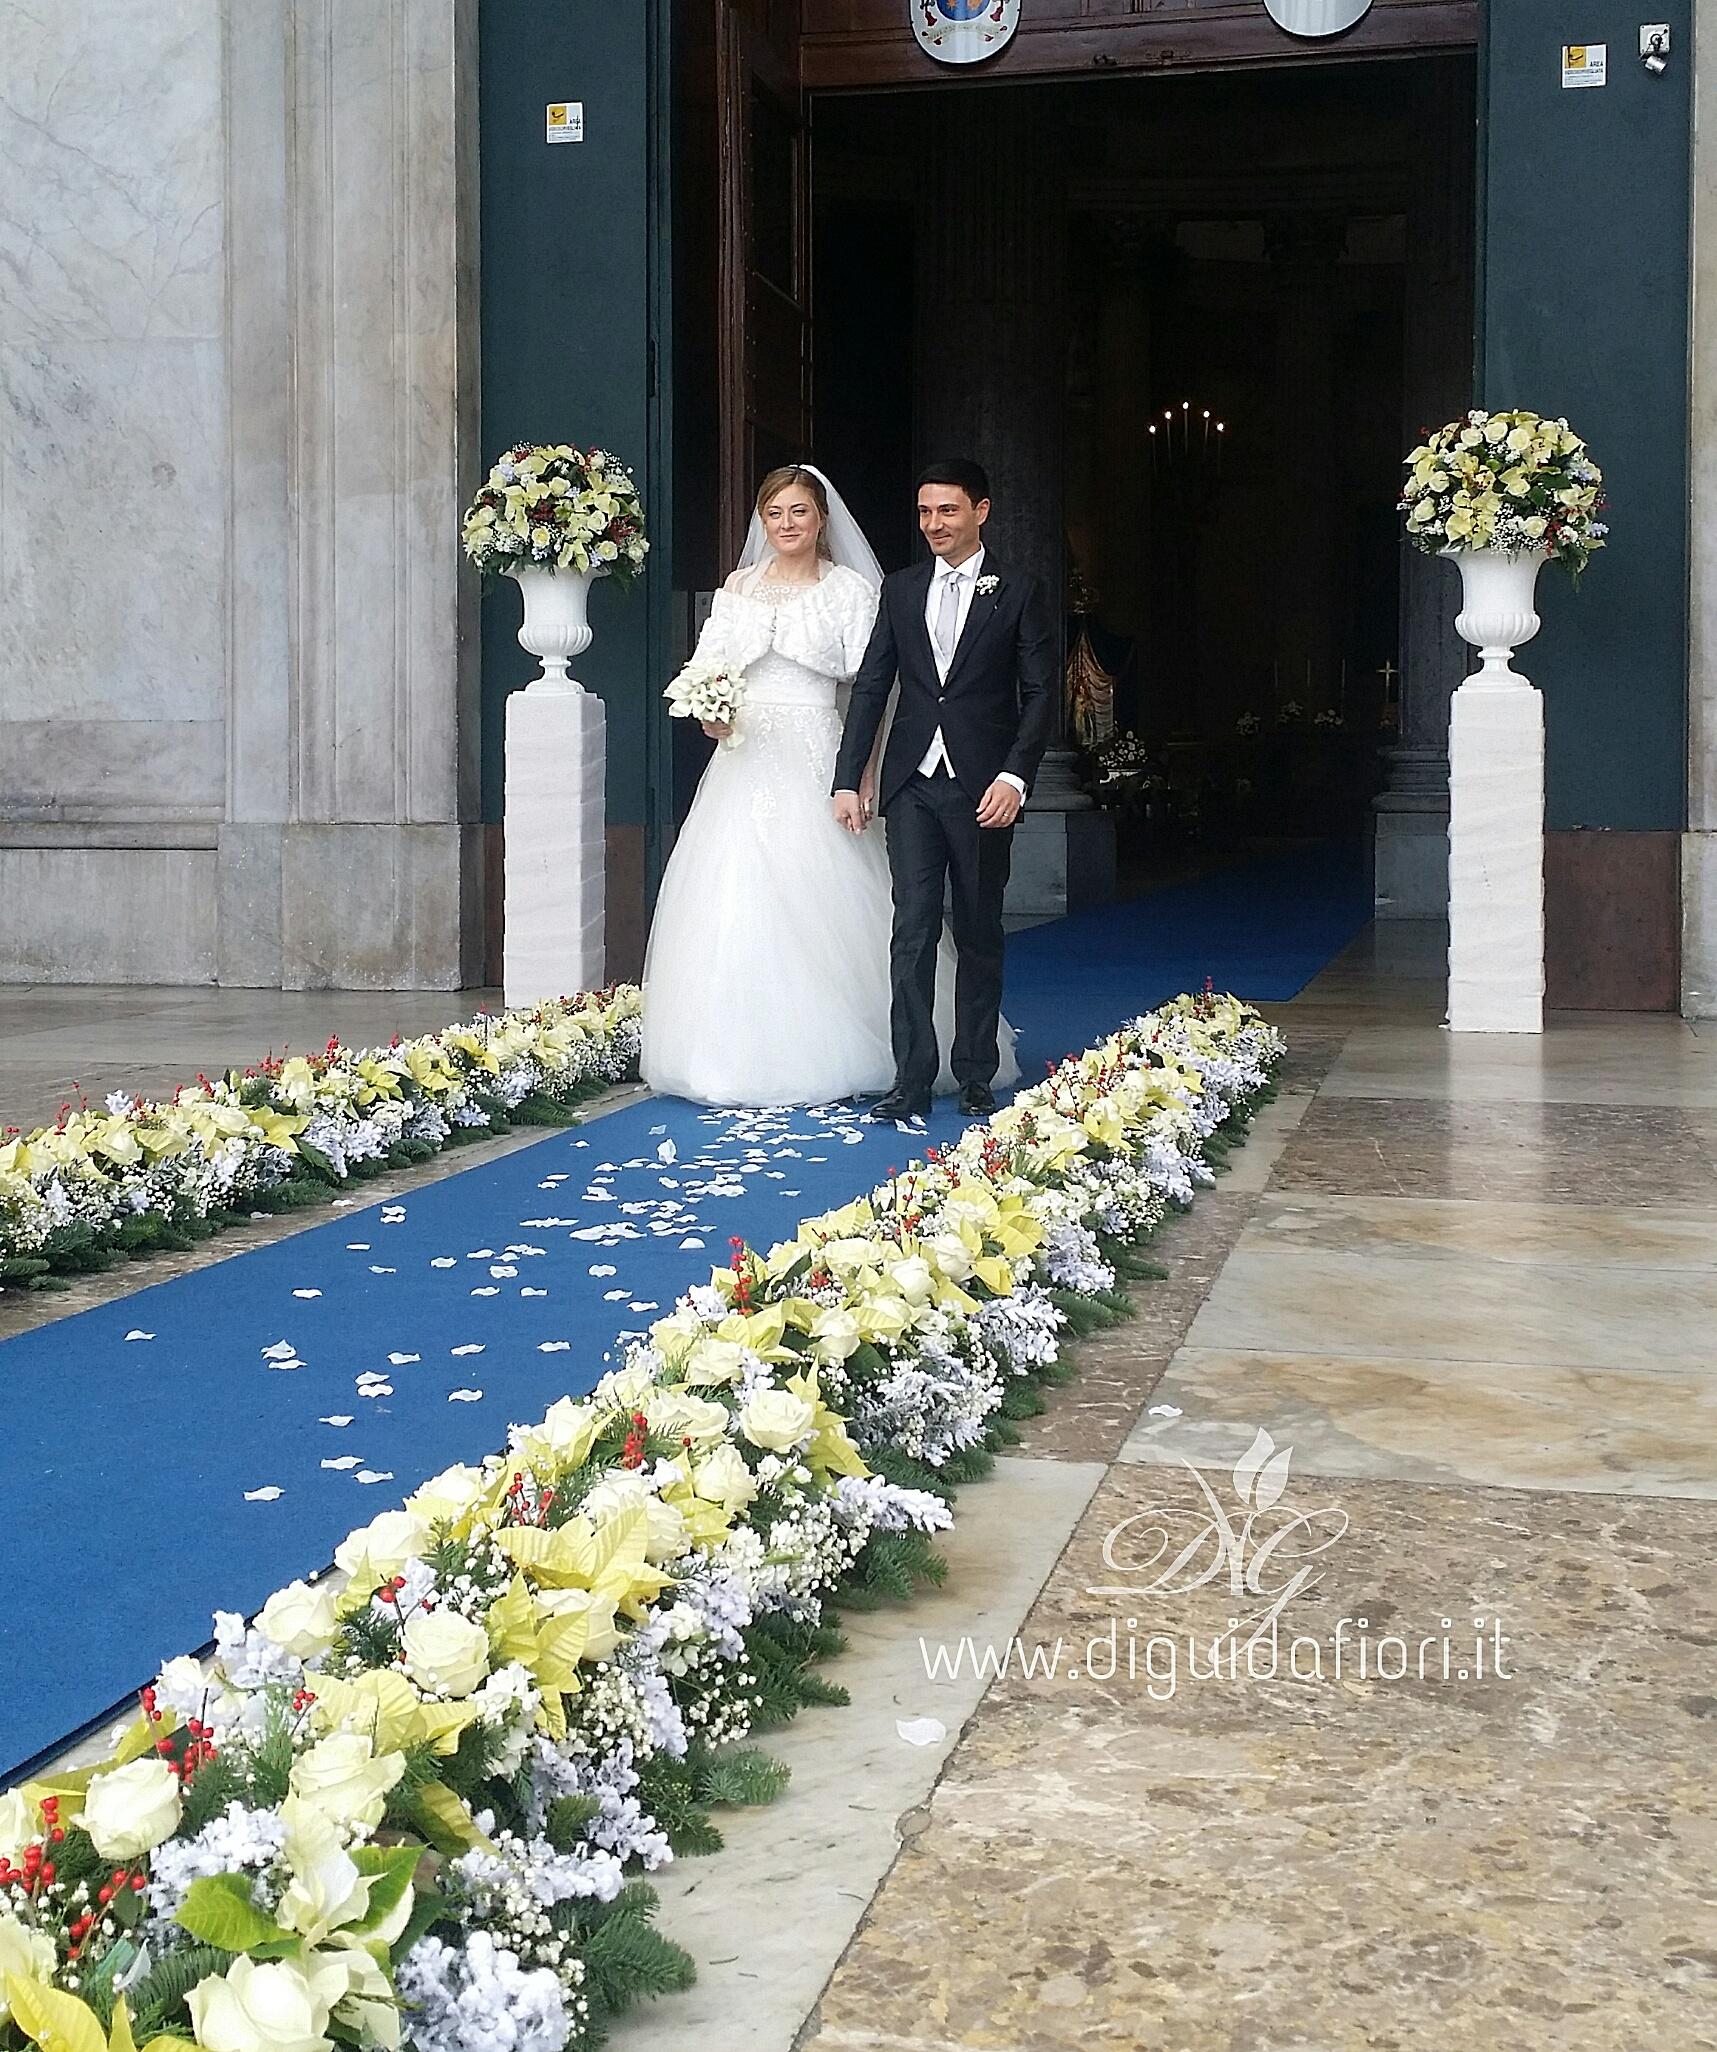 Addobbo floreale per matrimonio – Chiesa San Francesco di Paola Napoli